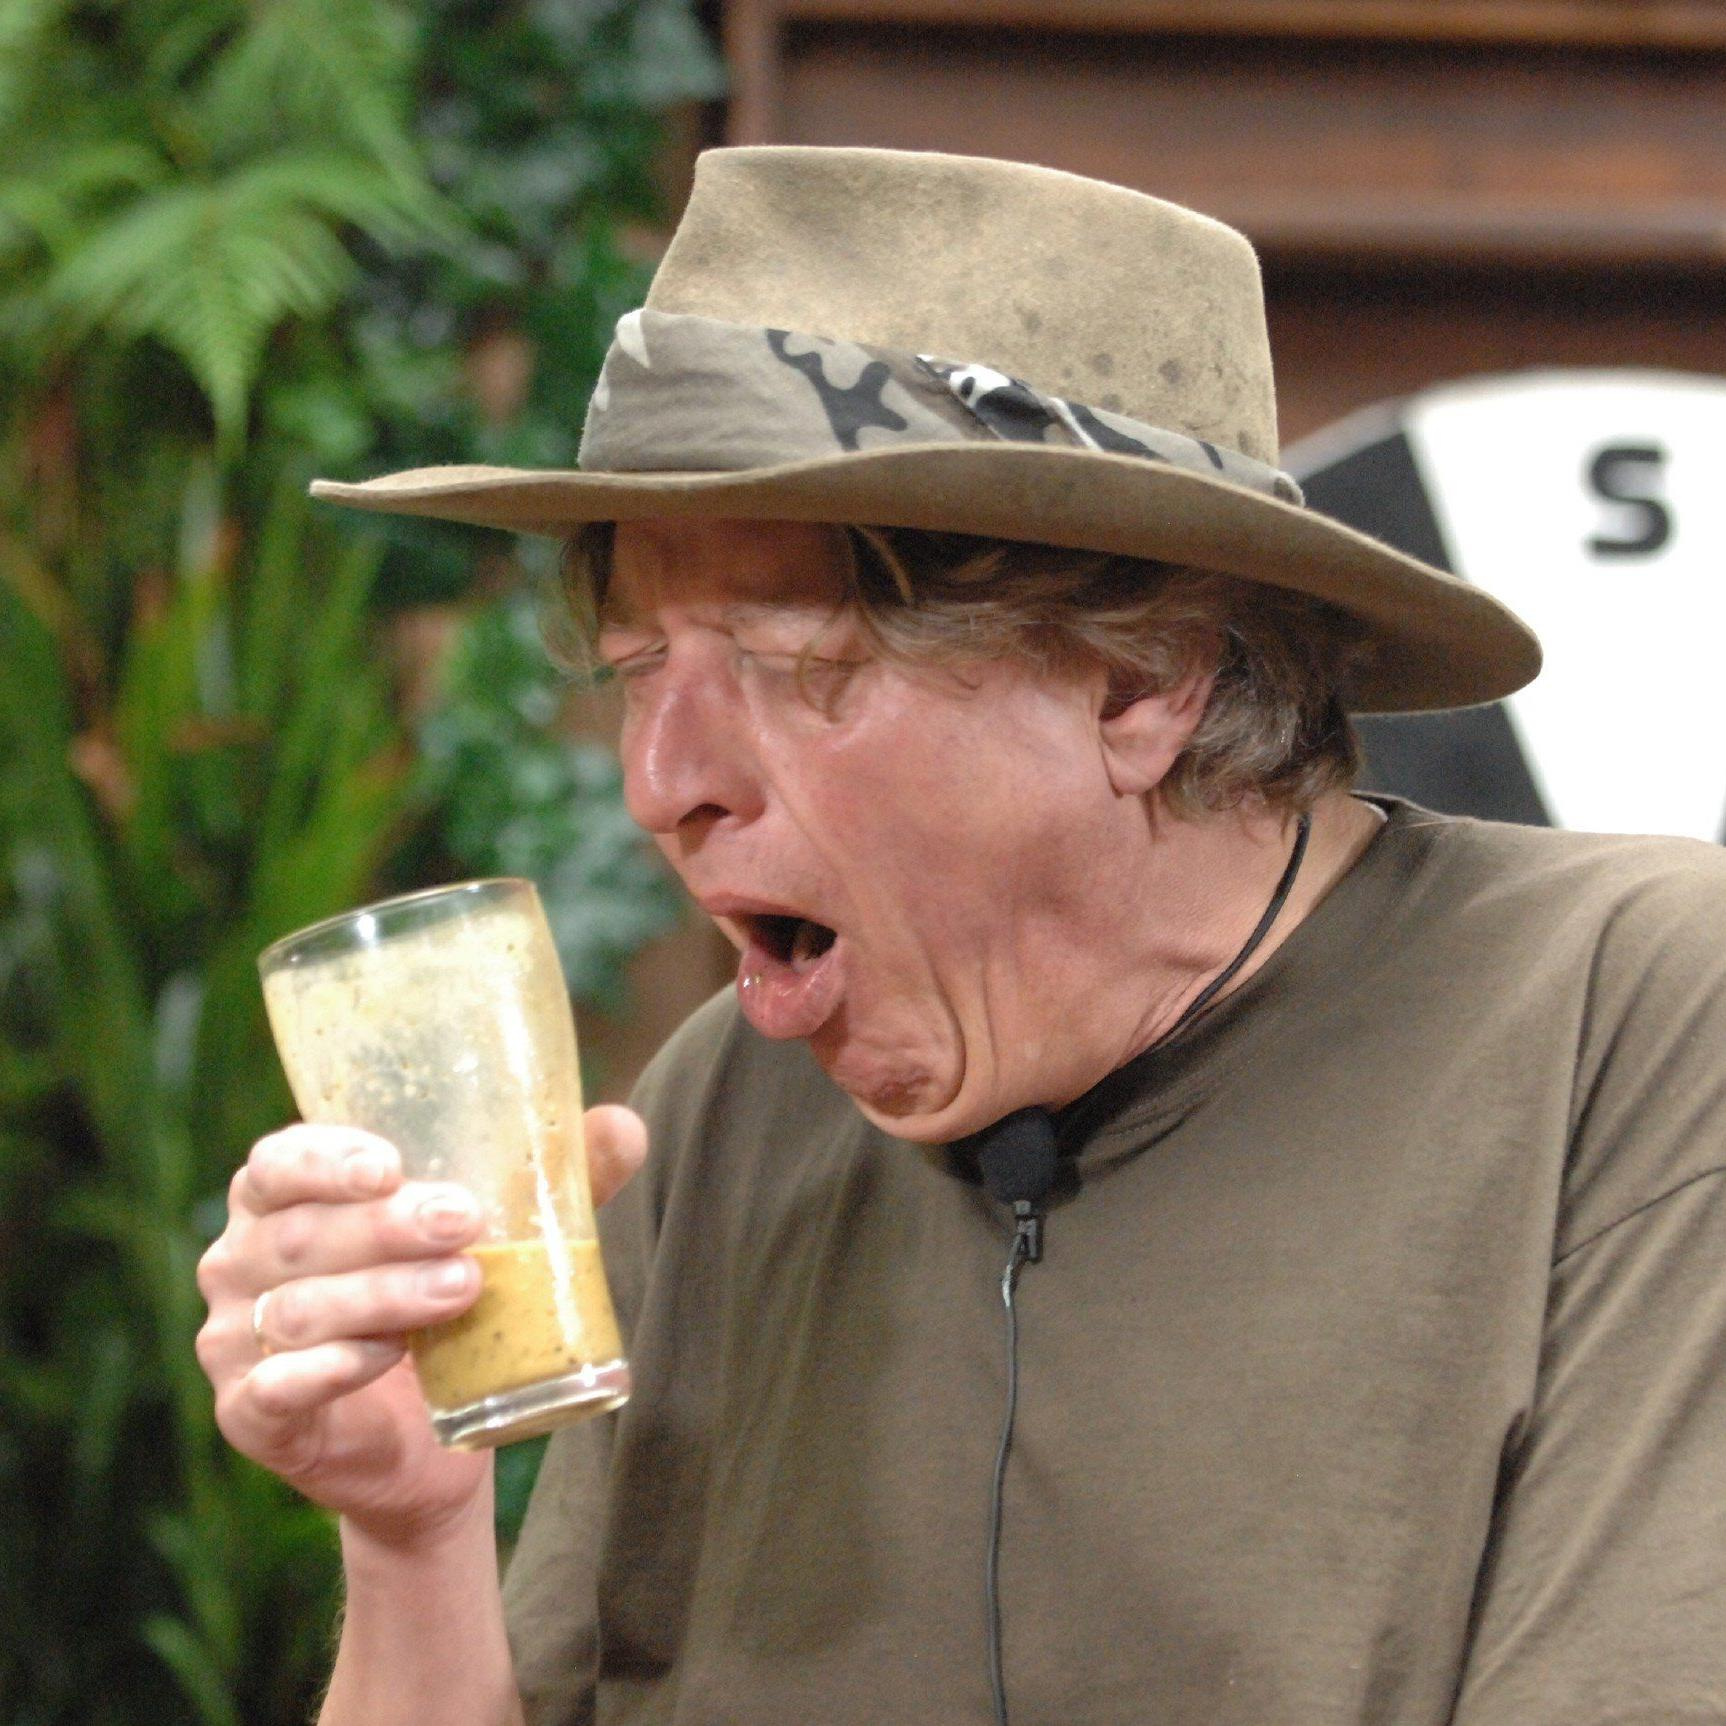 Dschungelcamp 2015: Die Zuseher wollen Walter leiden sehen.